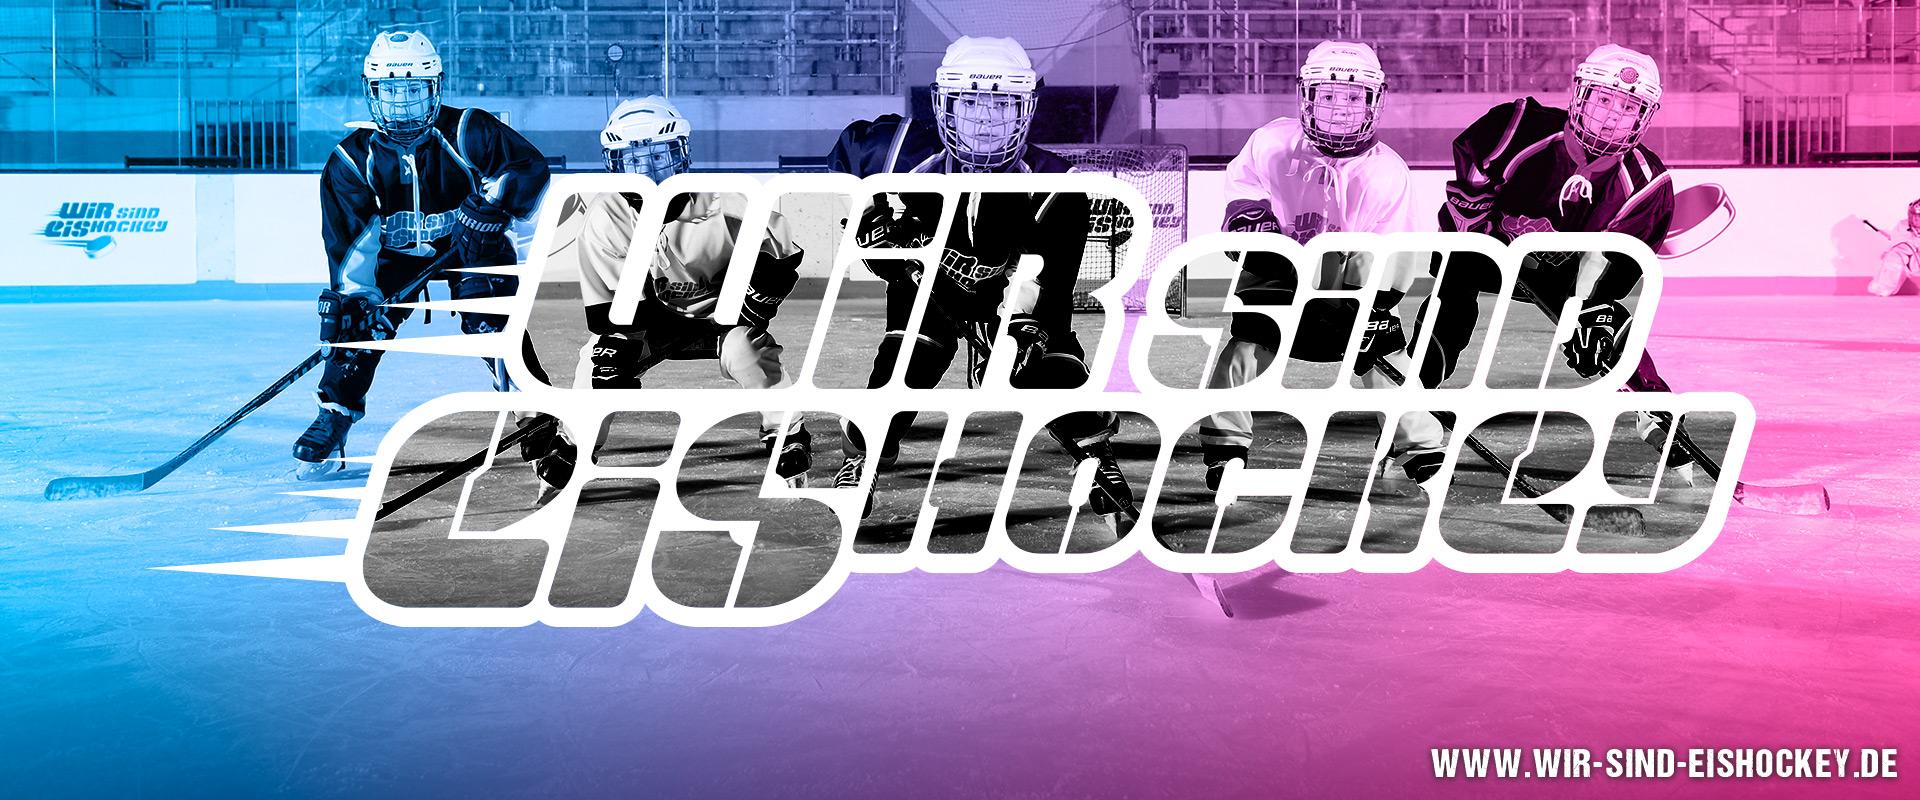 Wir sind Eishockey